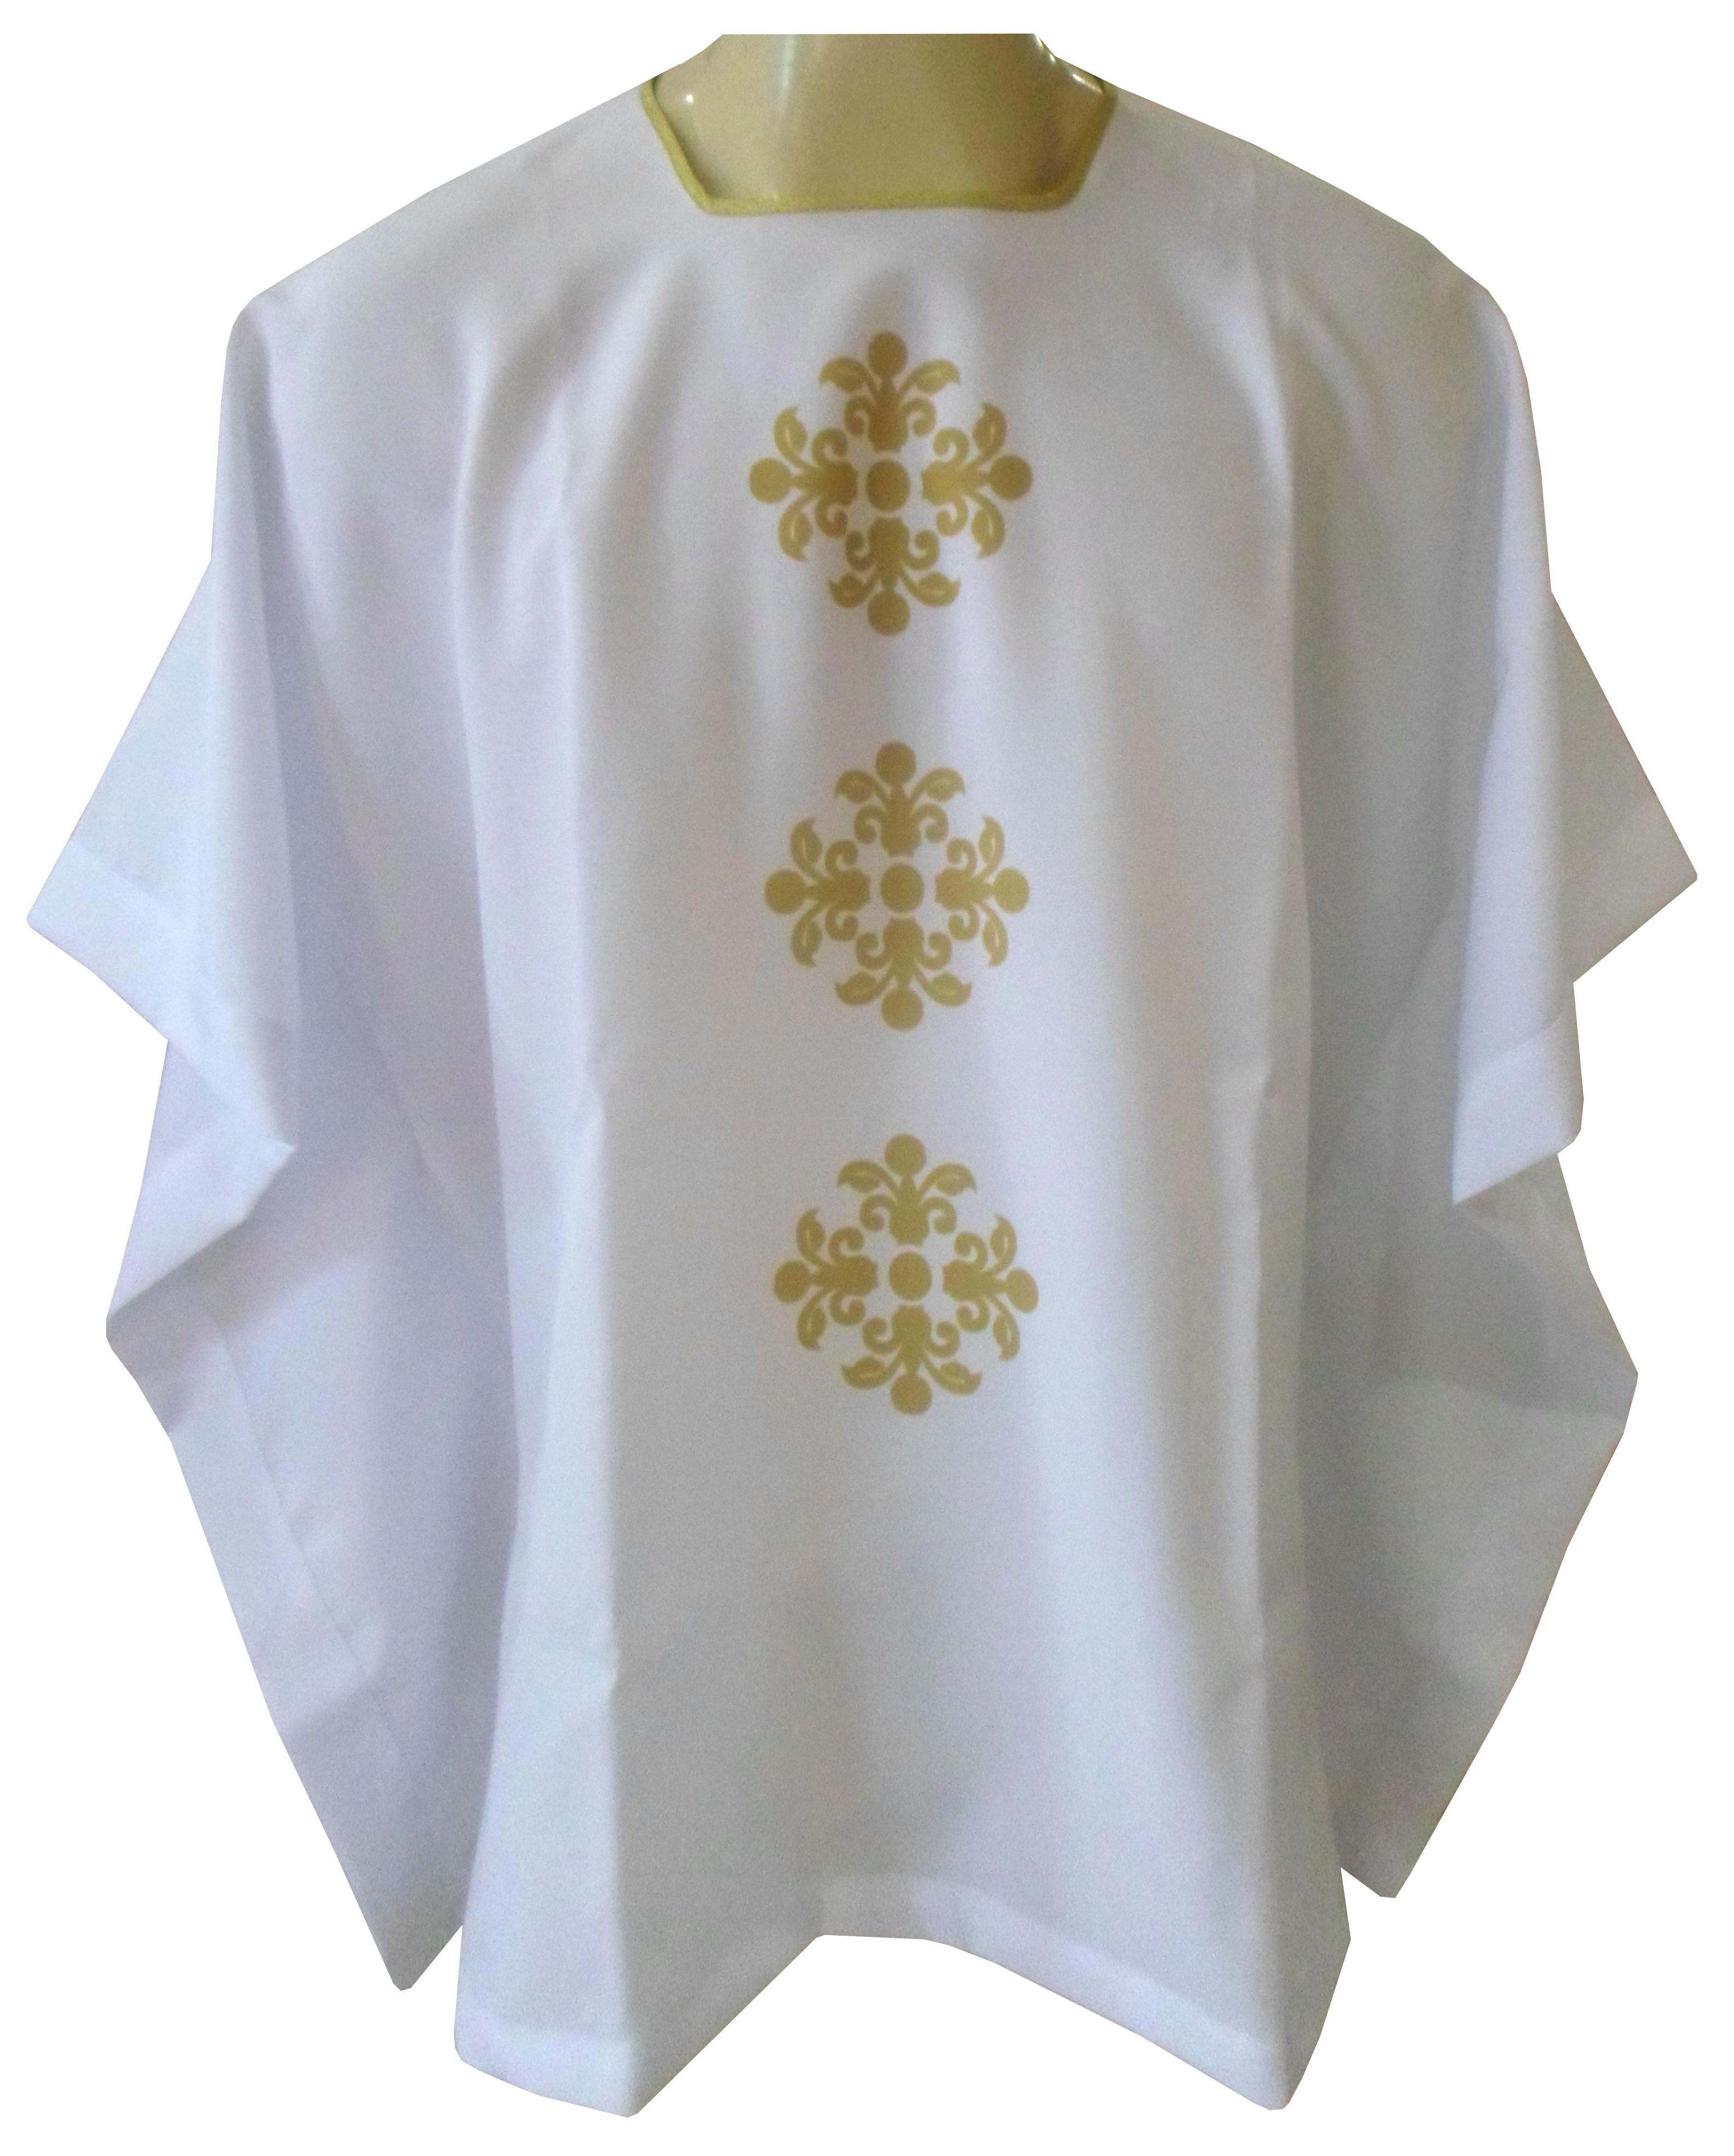 Veste para Ministro da Eucaristia. CÓD: VPM-062